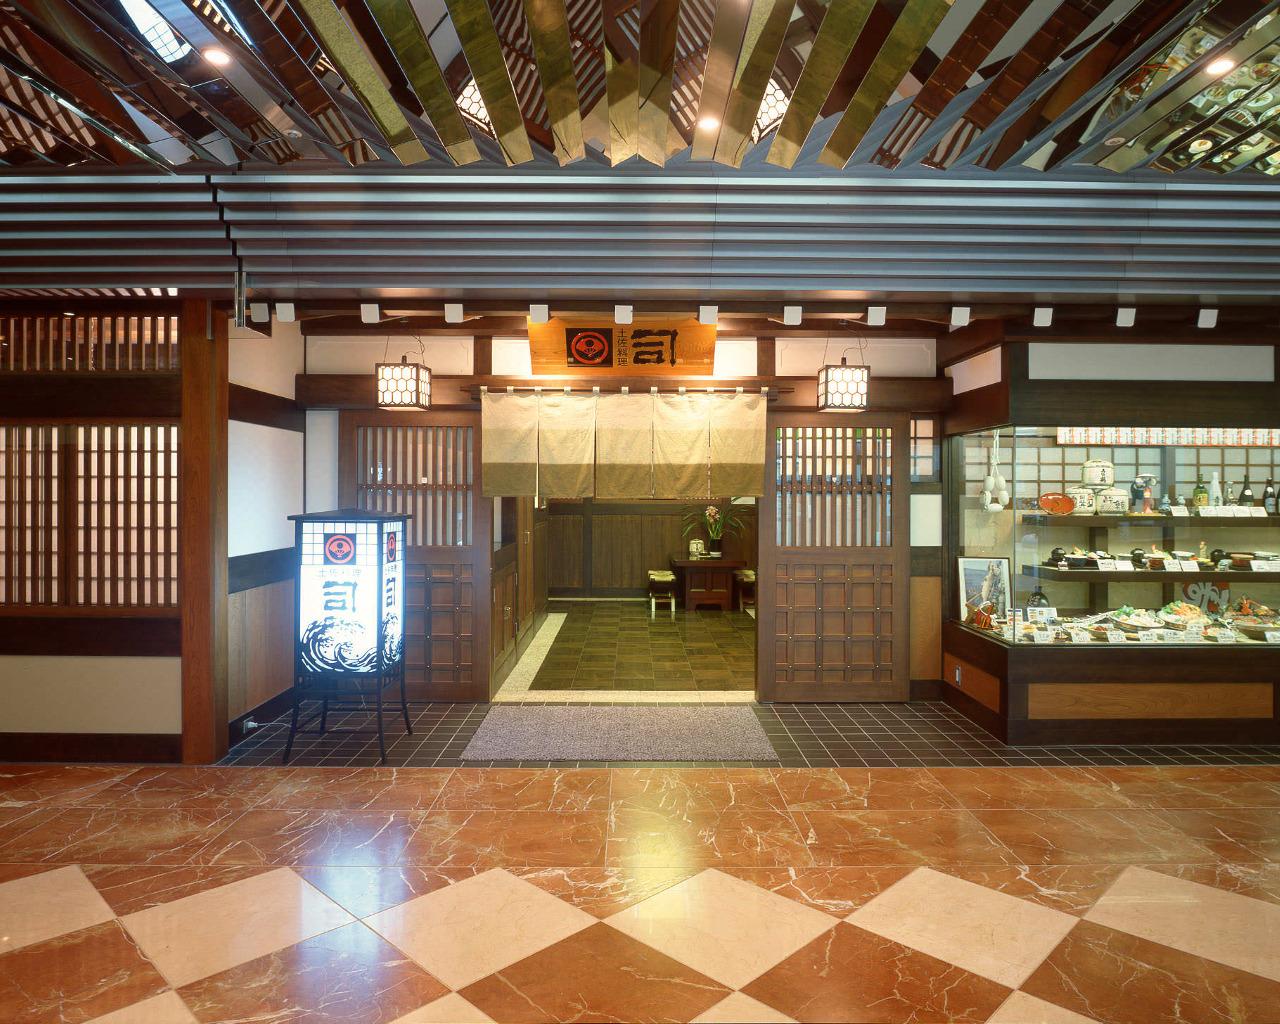 大阪駅/阪急梅田駅周辺_土佐料理 司 梅田茶屋町店_写真